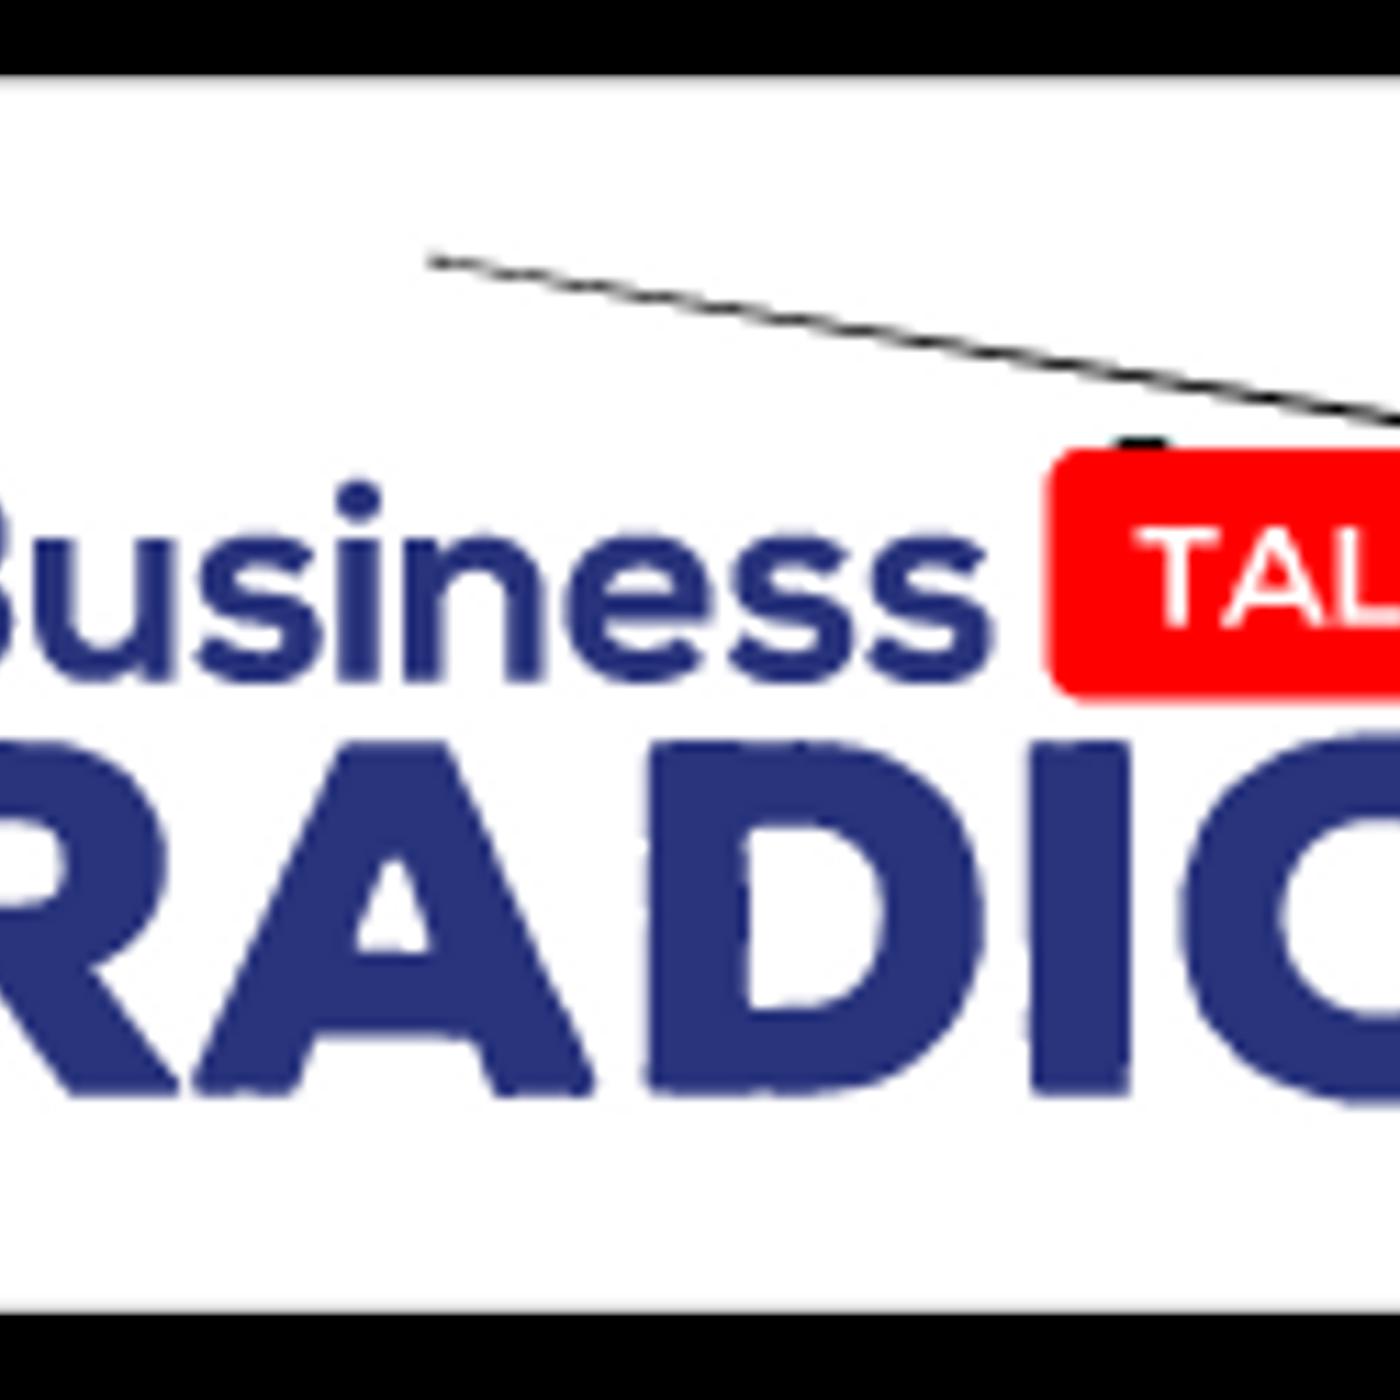 Czup1hsrs5gkho7uygjm business talk radio logo